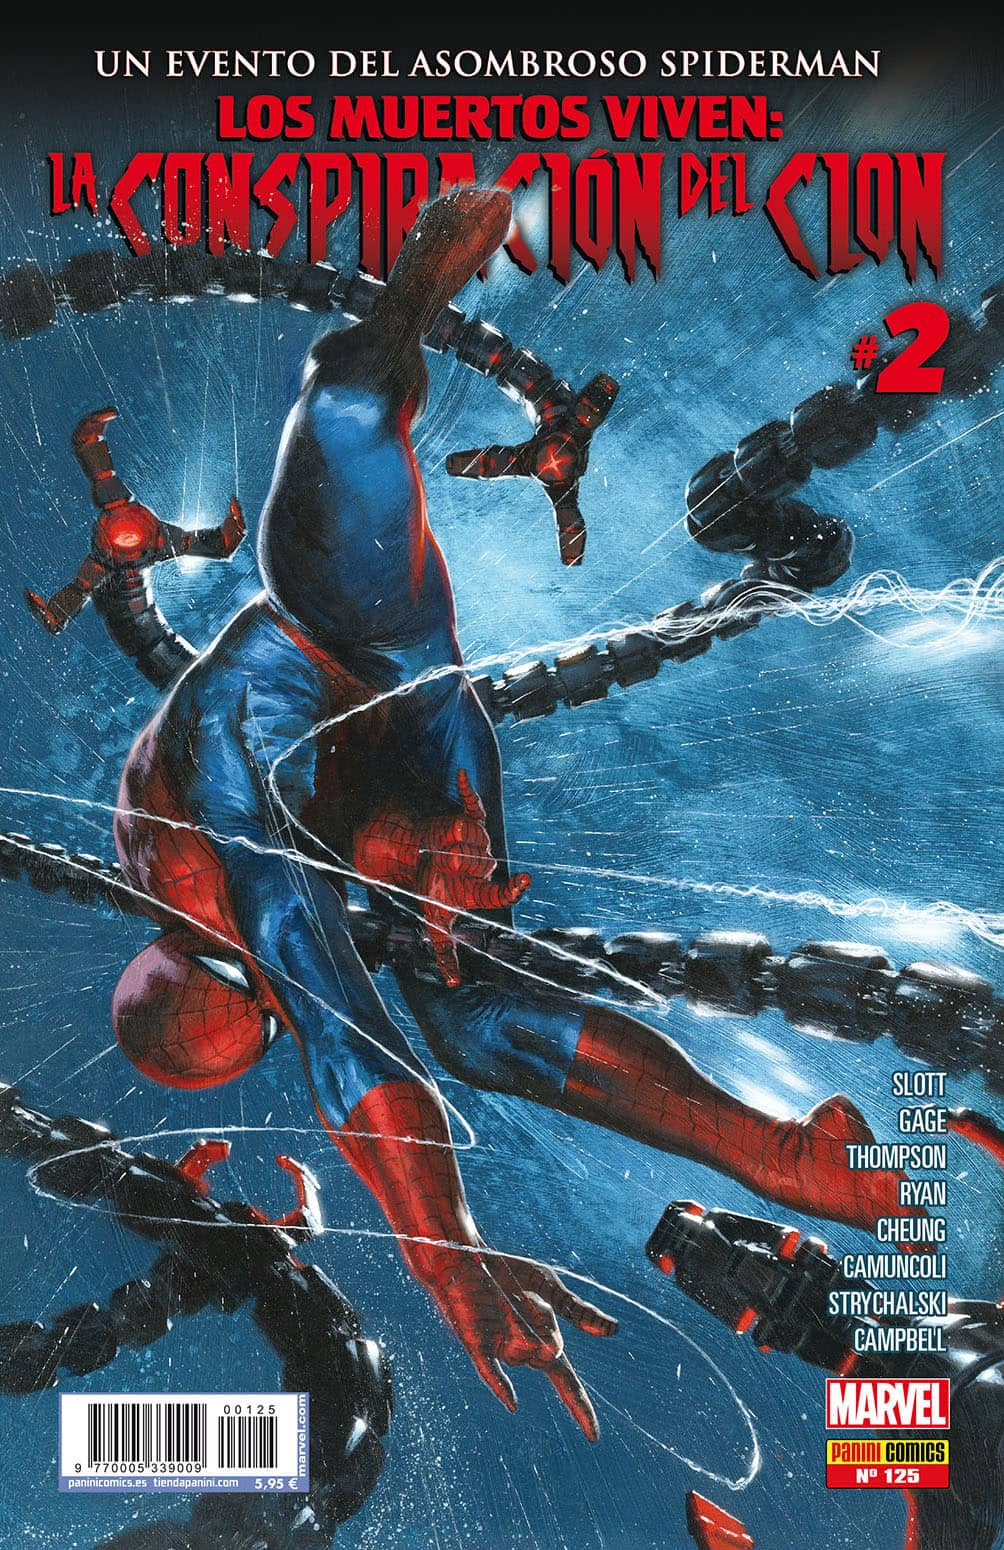 EL ASOMBROSO SPIDERMAN 125